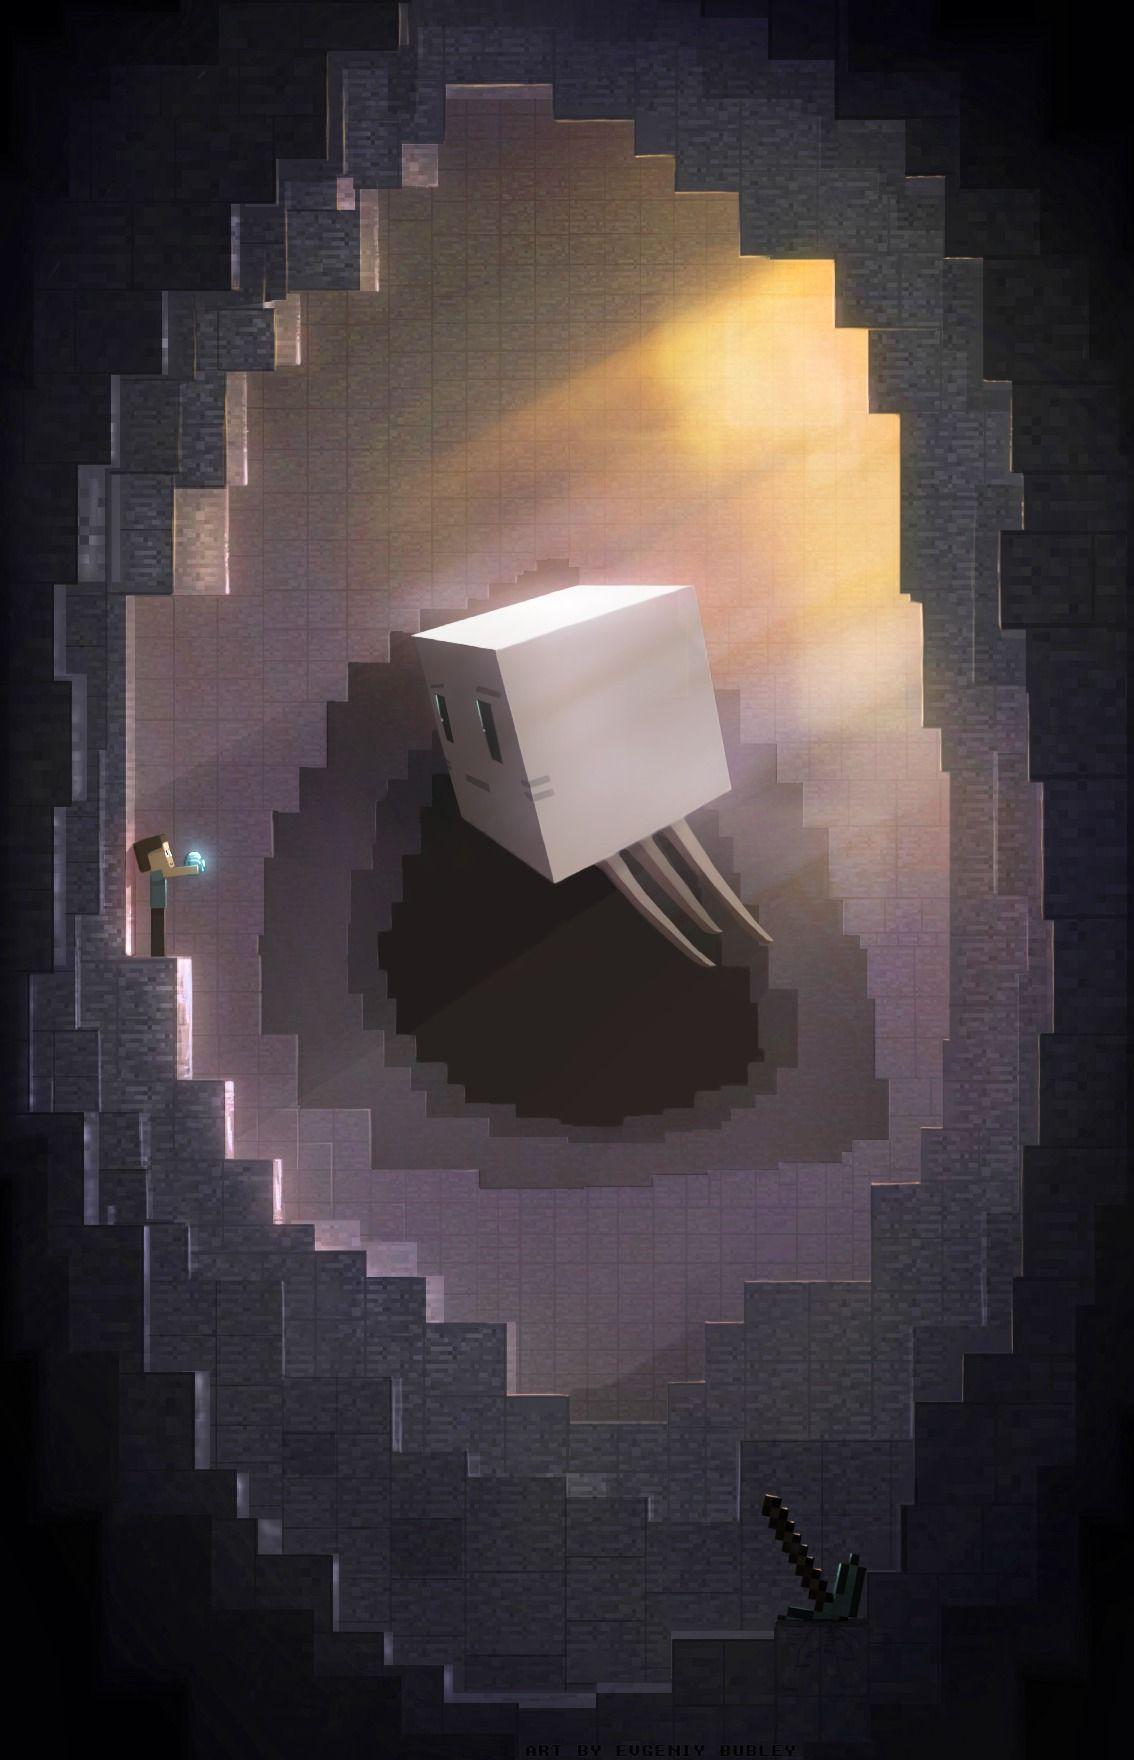 Cubic cave   Minecraft  byEvgeniy Bubley(TakeOFFFLy)